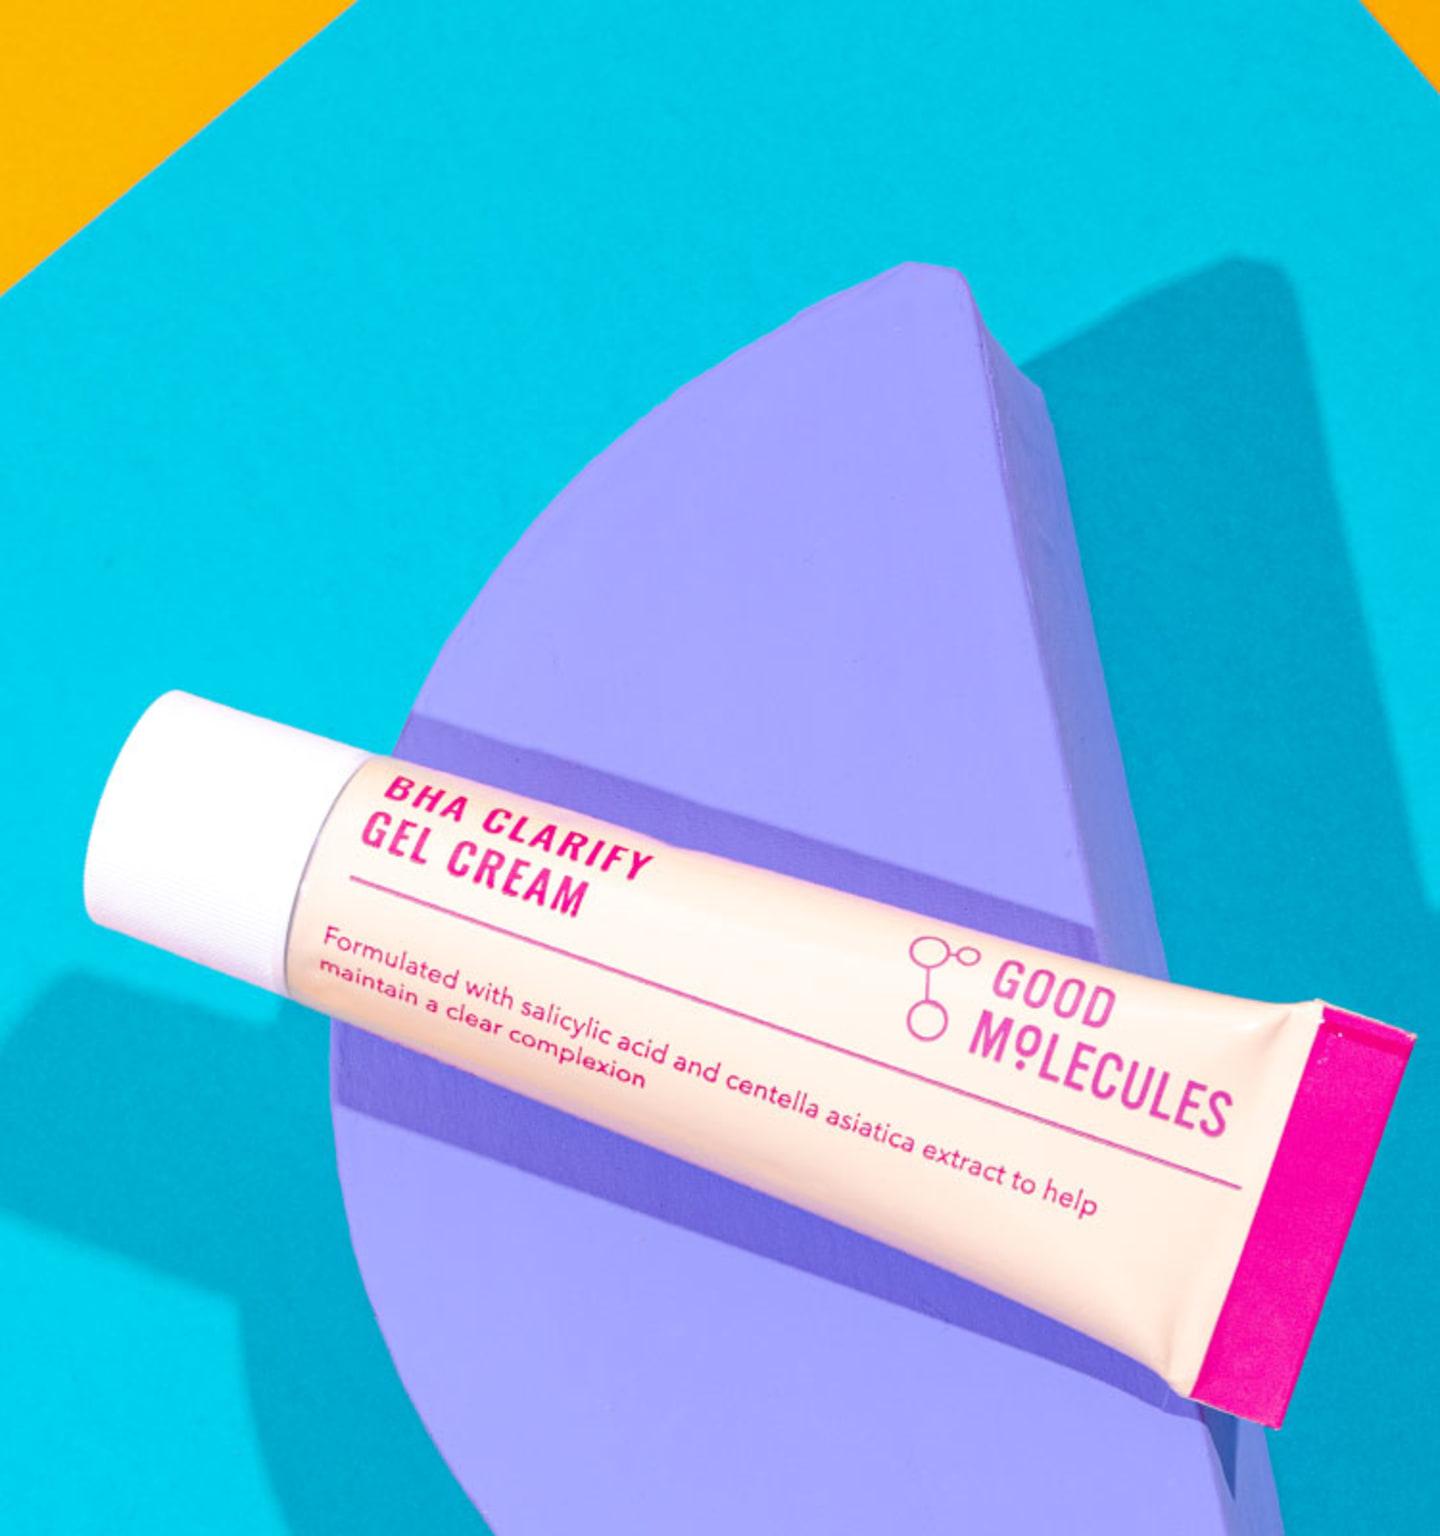 BHA Clarify Gel Cream